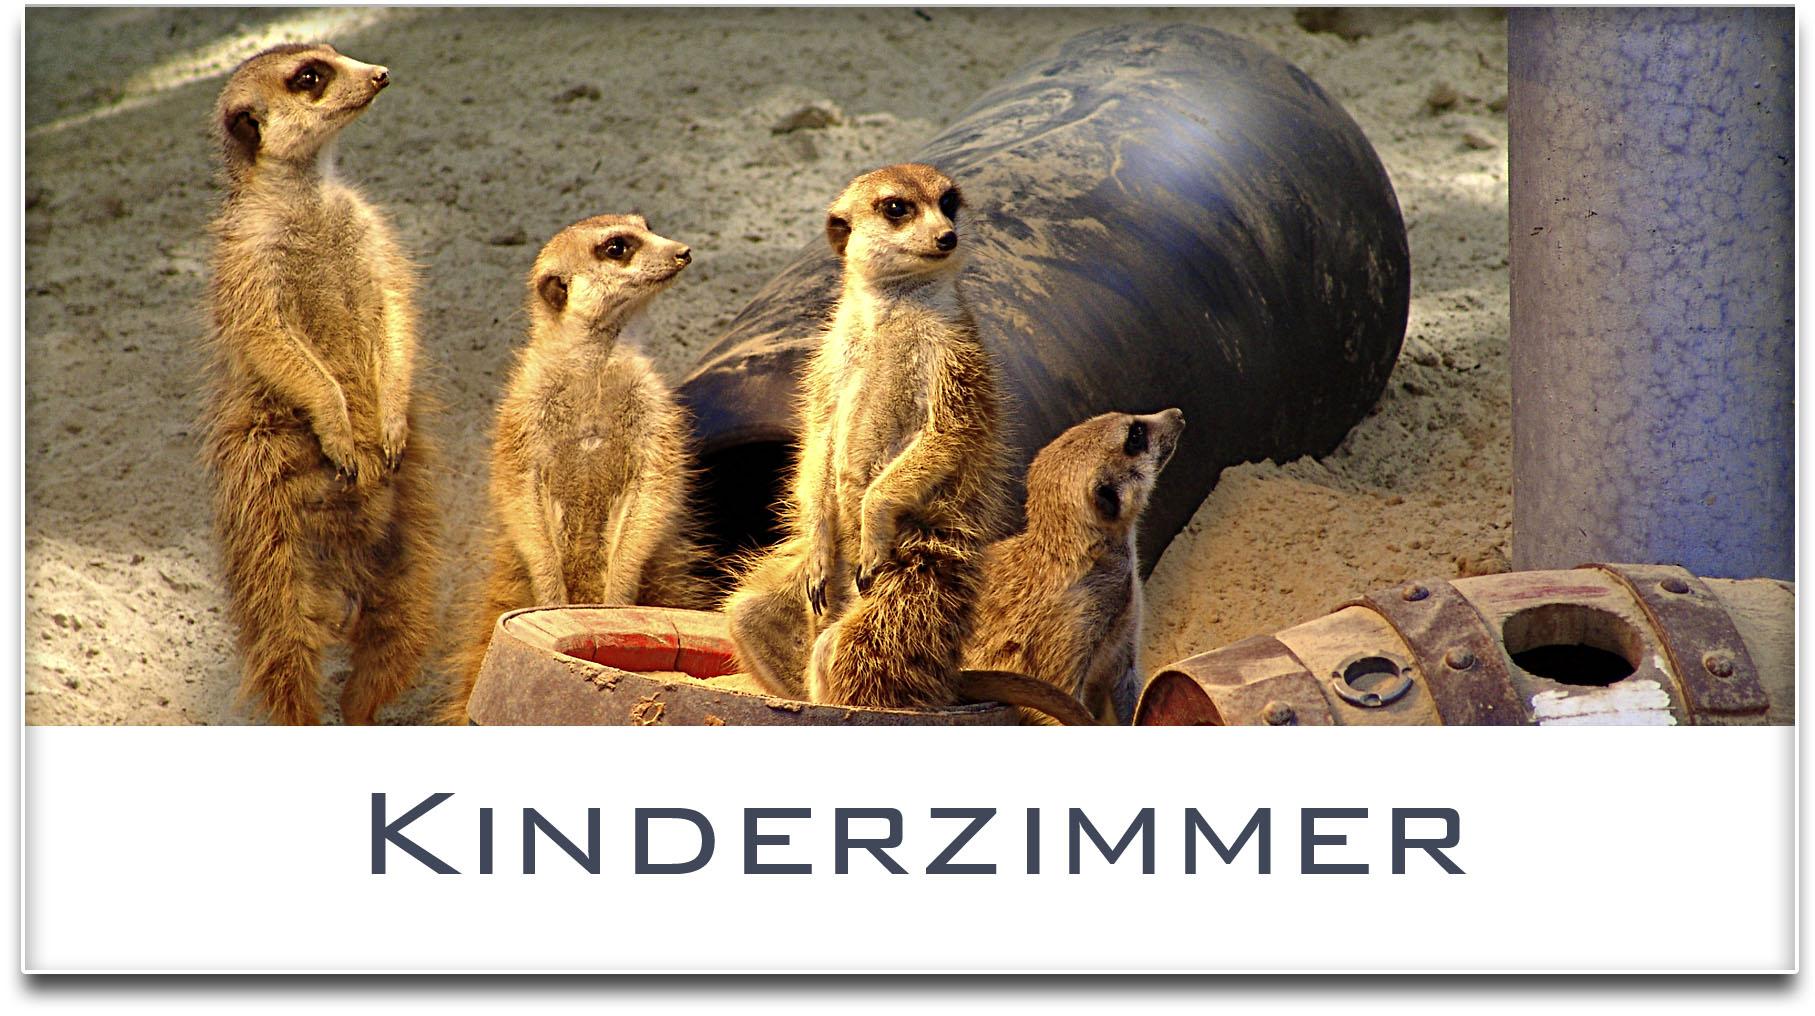 Türschild / Haustürschild / Erdmännchen / Kinderzimmer / Selbstklebend